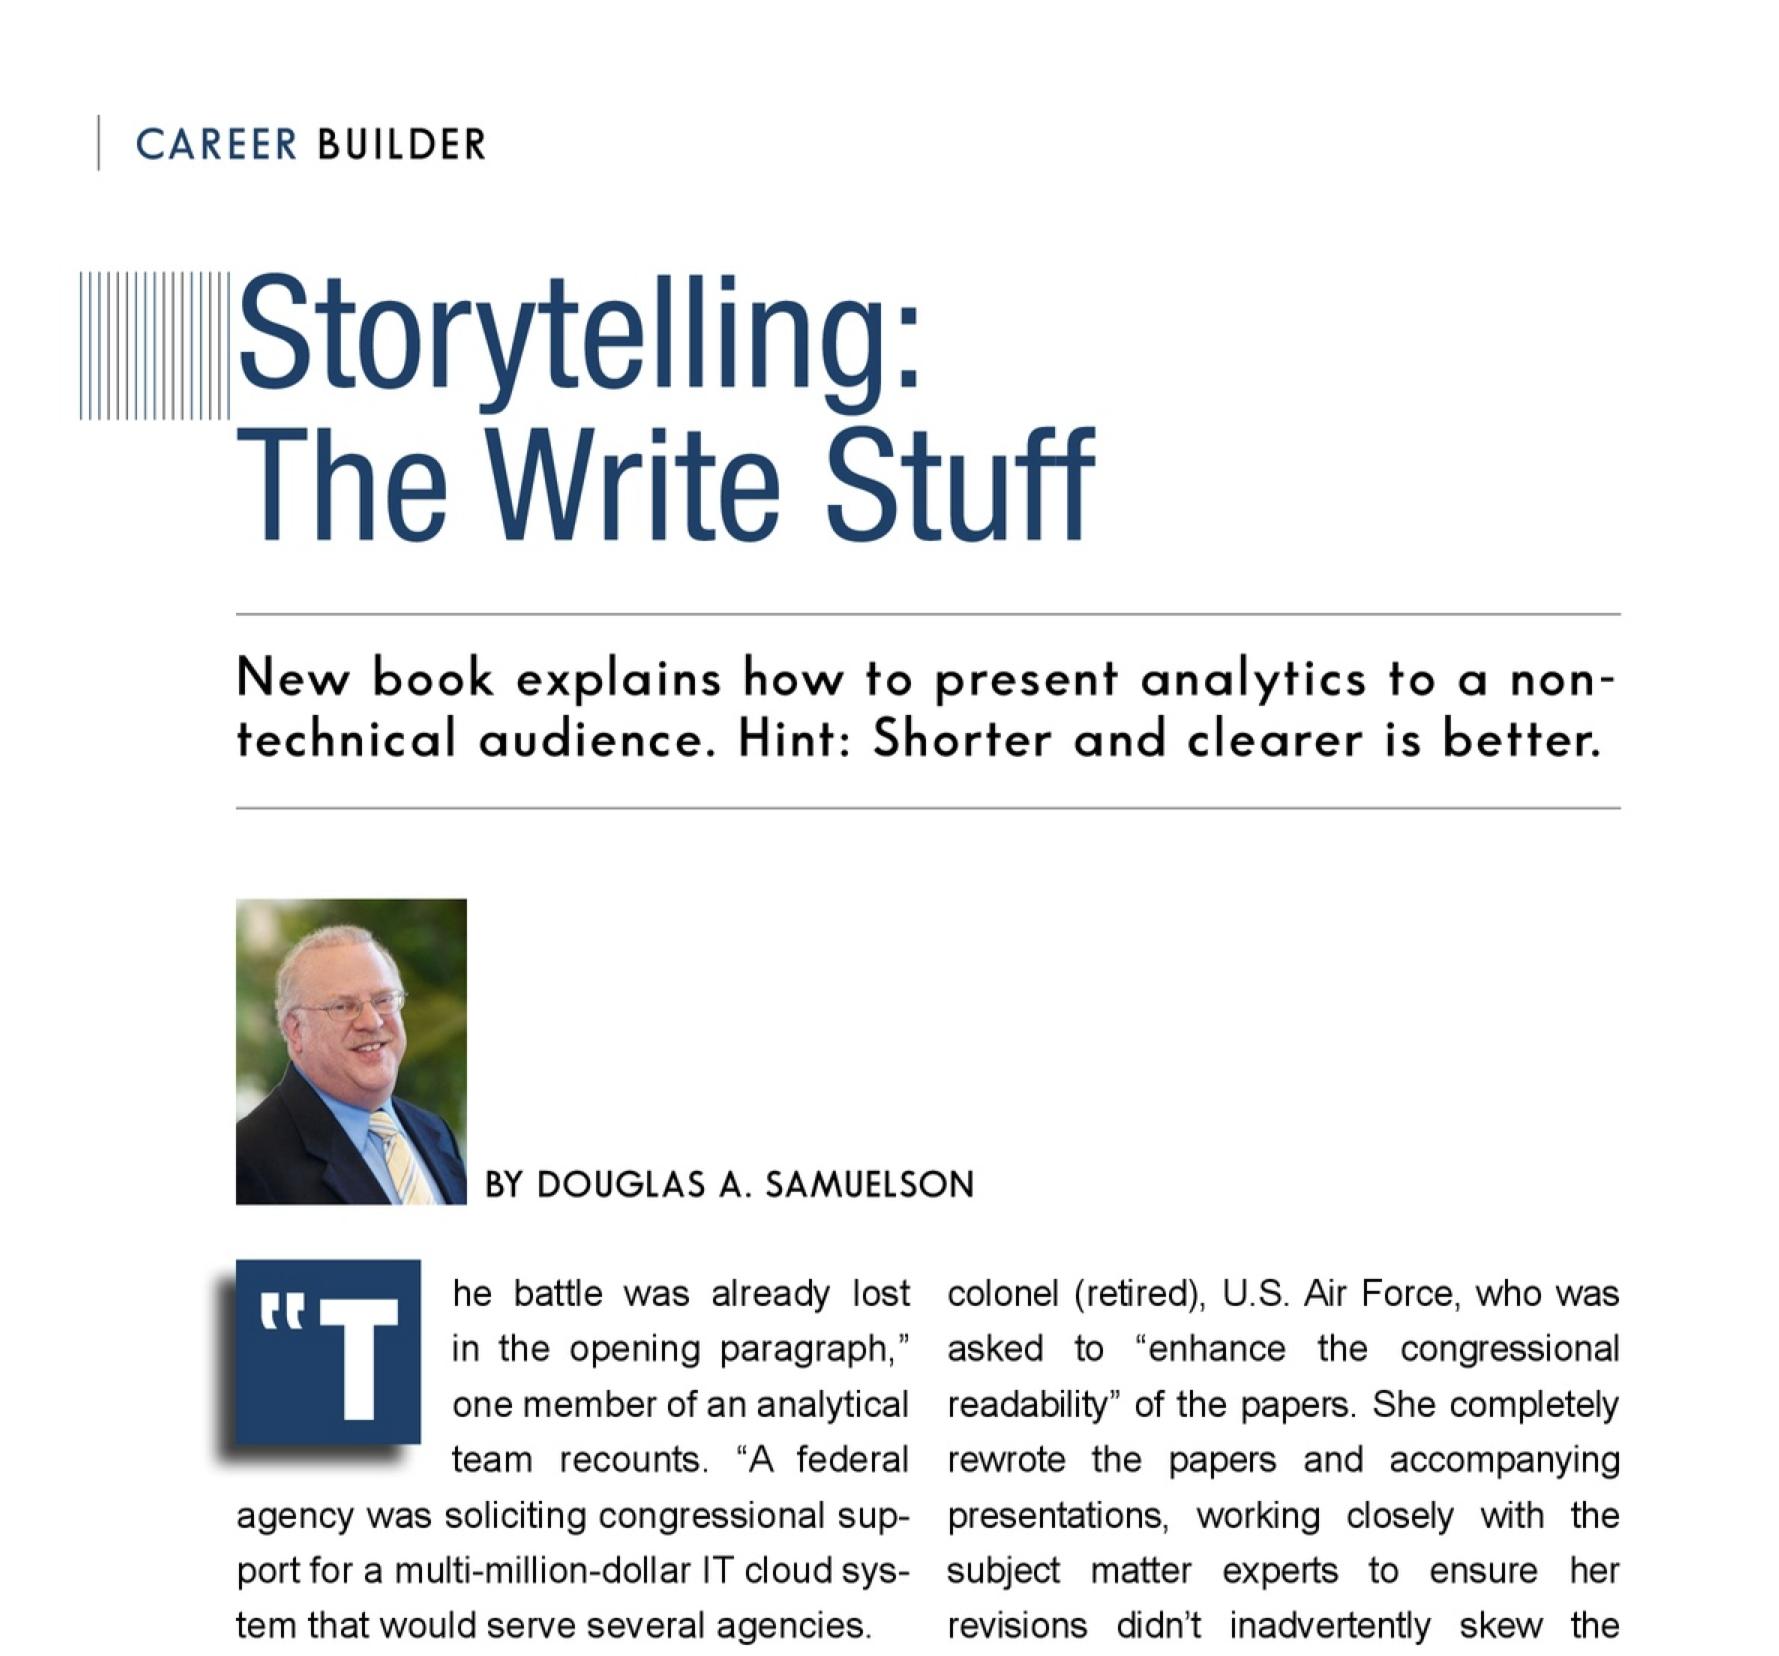 Career Builder Article - Storytelling